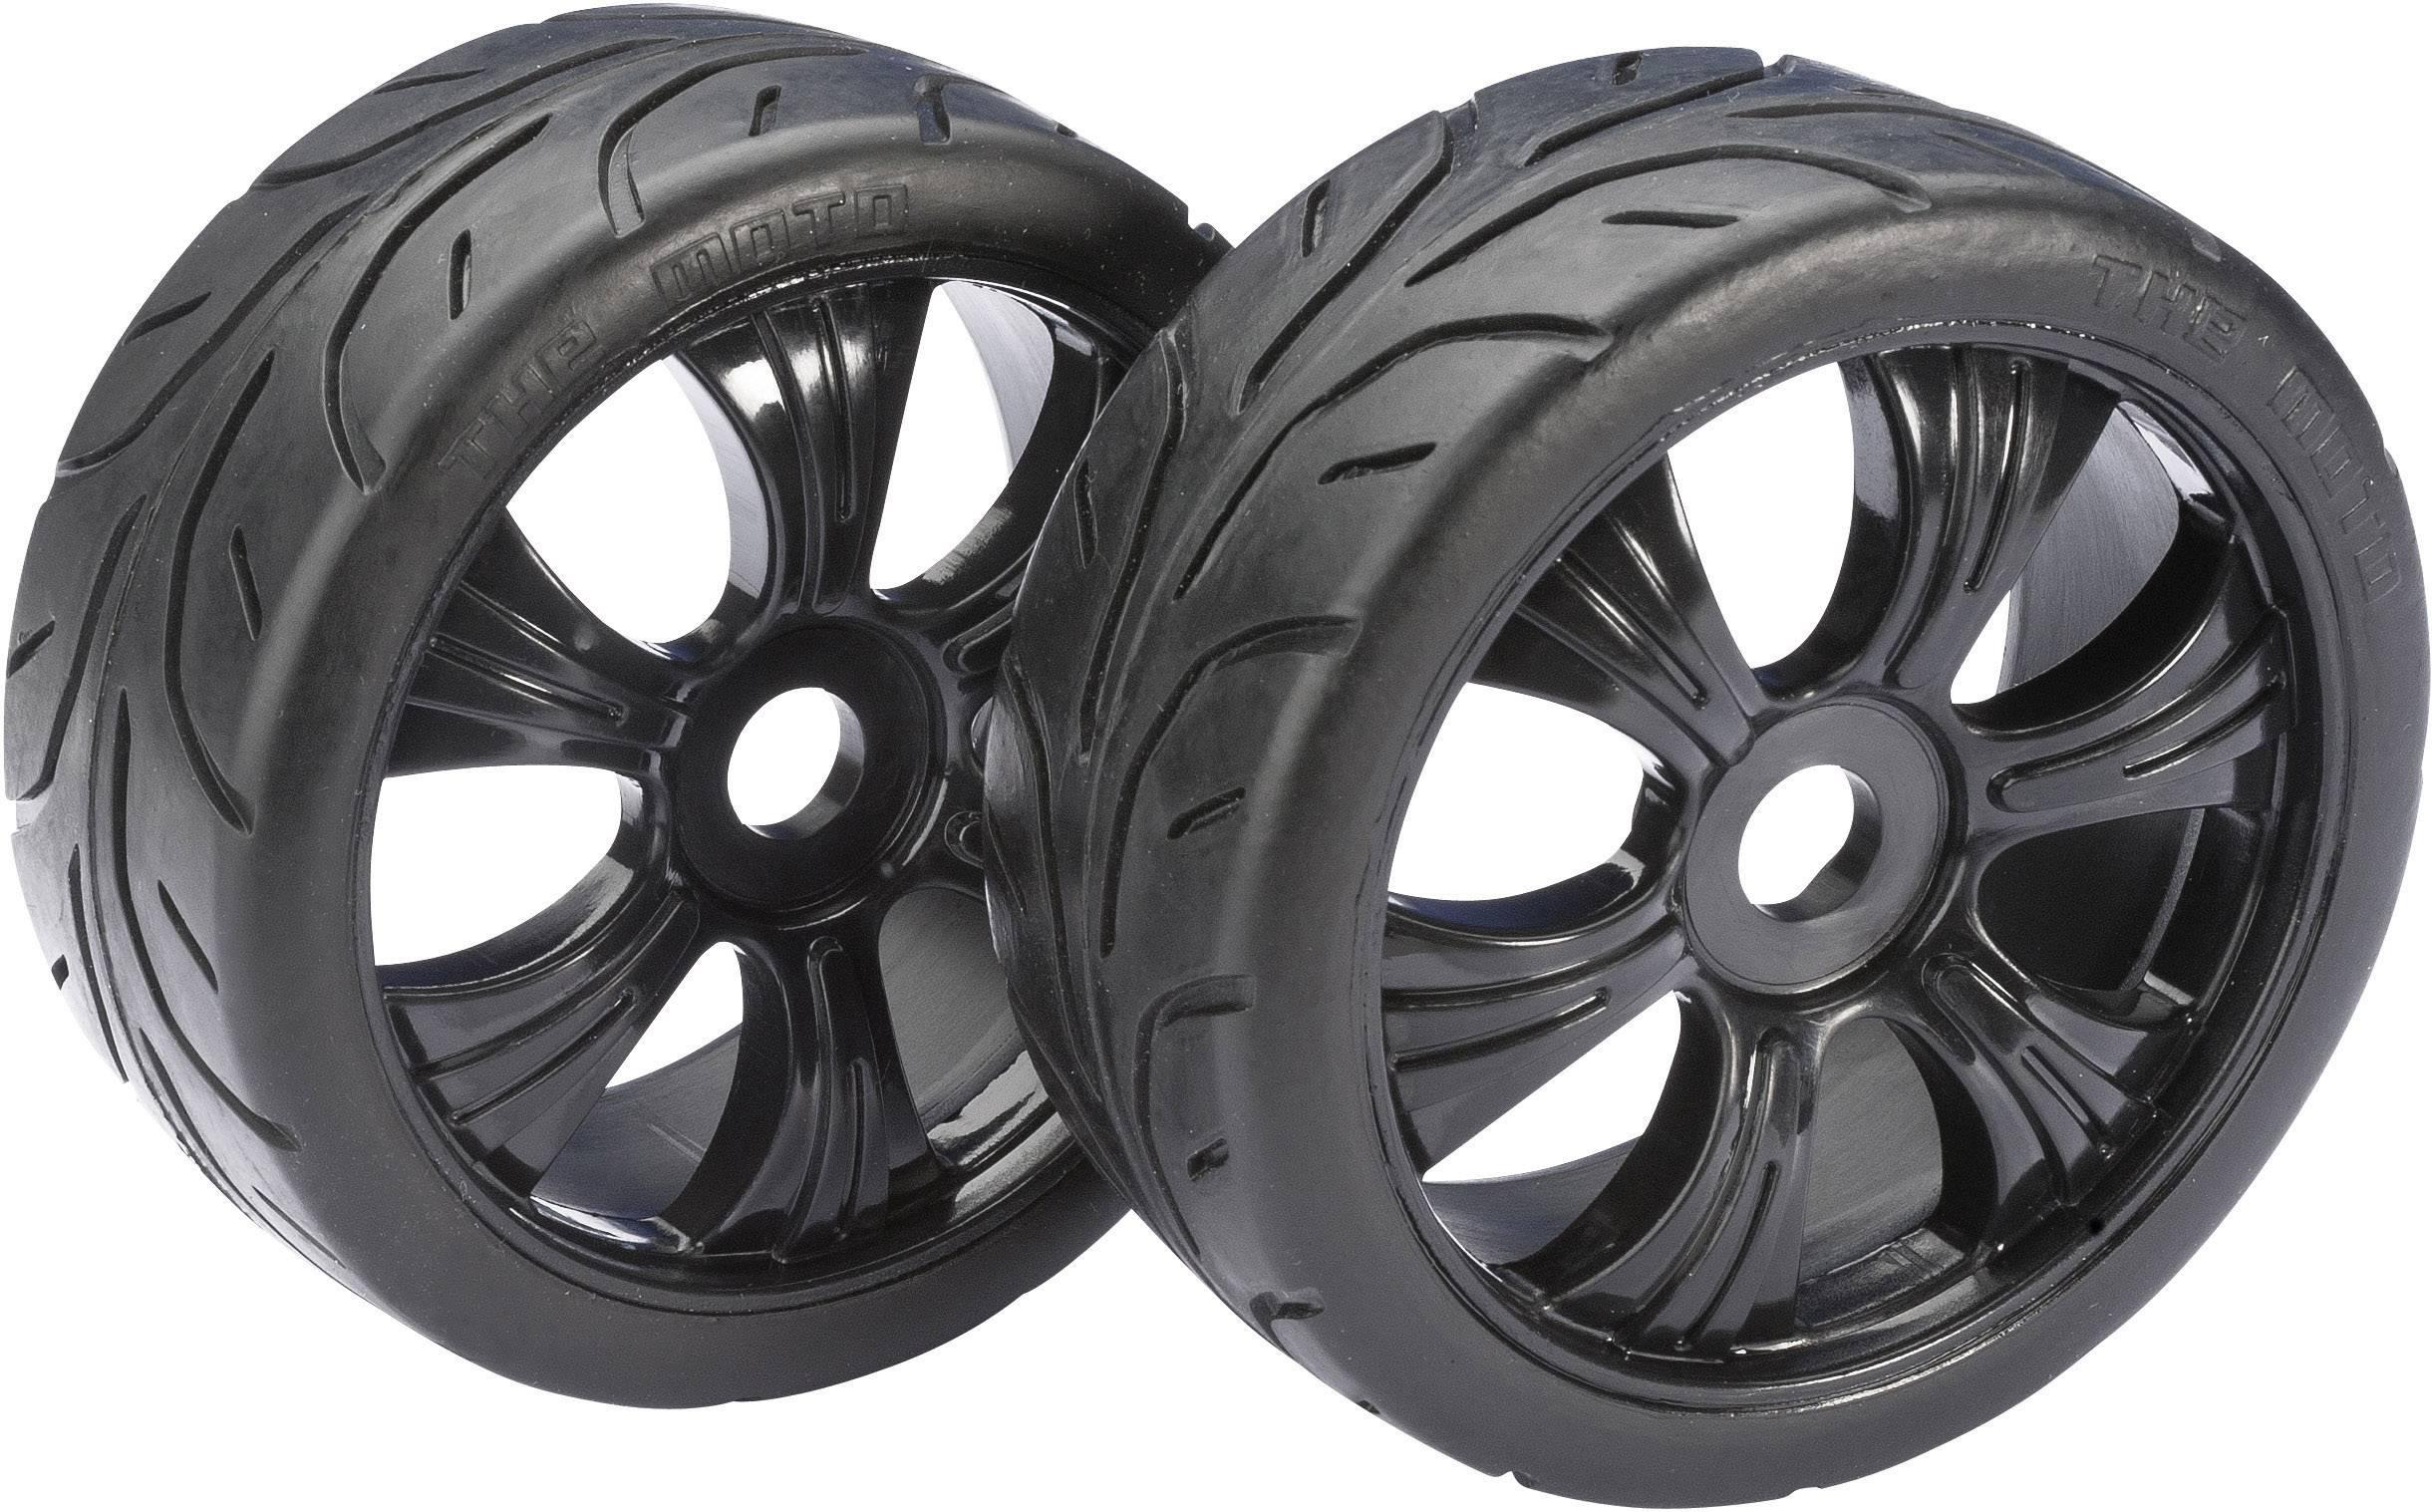 Kompletné kolesá Street Absima 2530003 pre buggy, 104 mm, 1:8, 2 ks, čierna